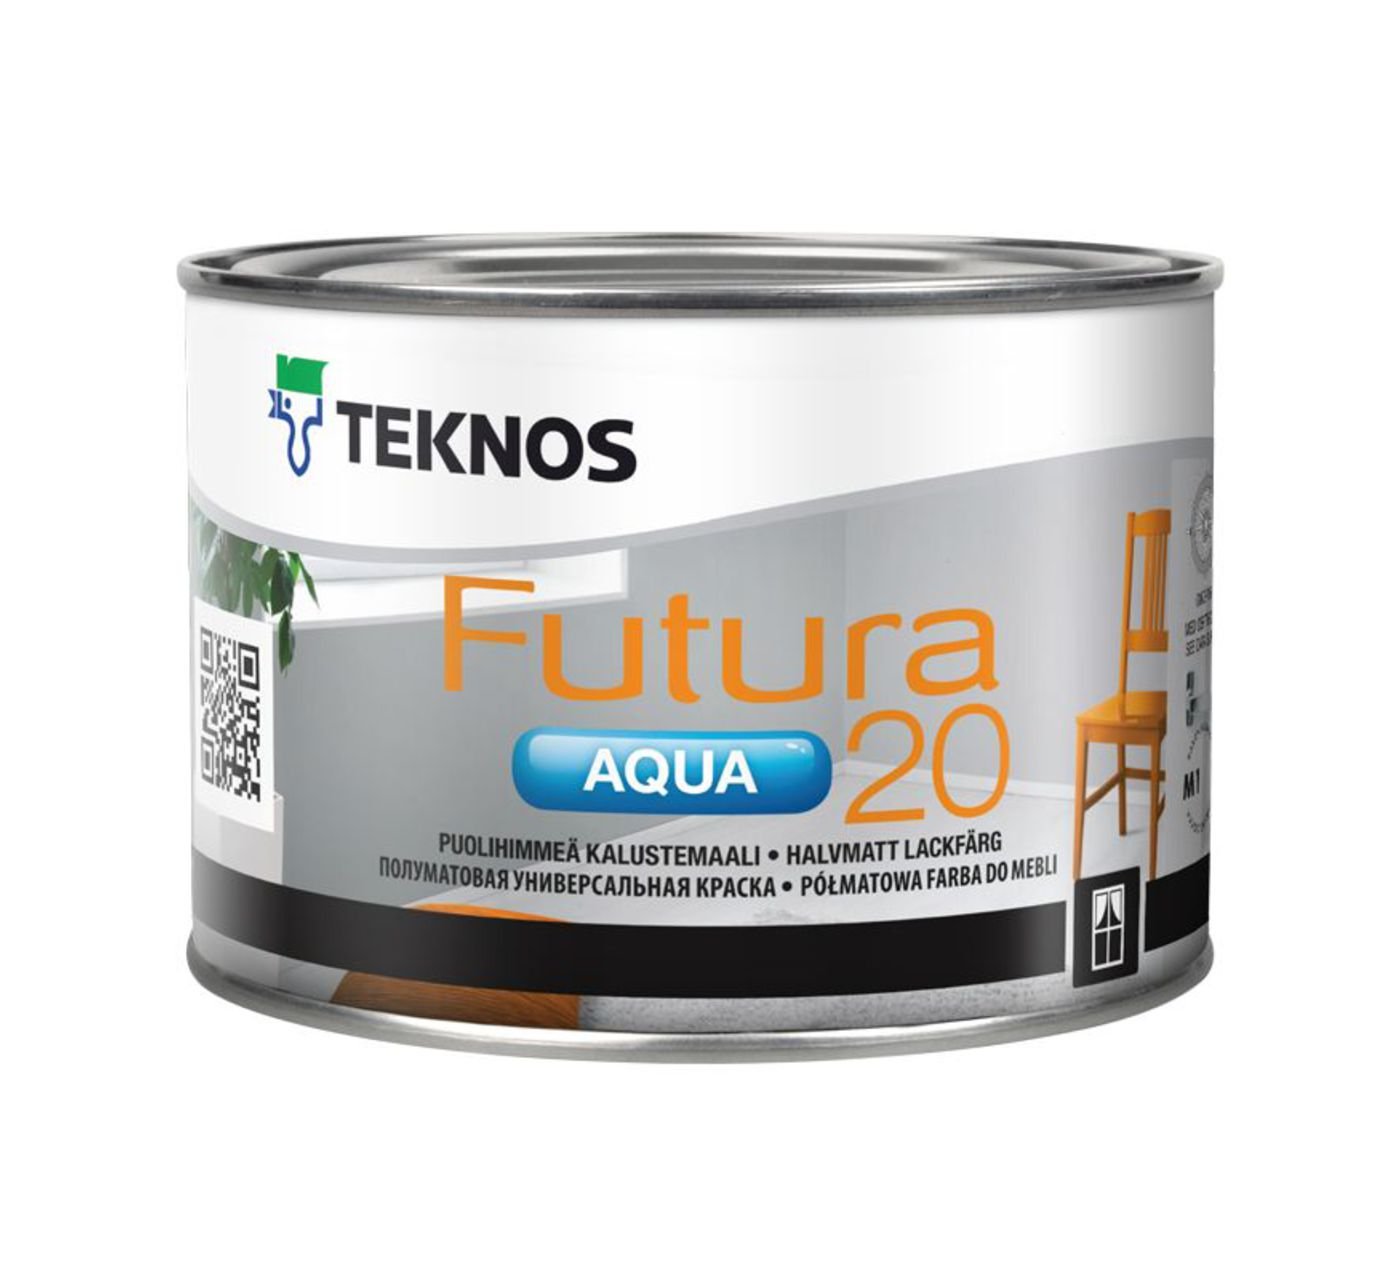 FUTURA AQUA 20 полуматовая универсальная краска